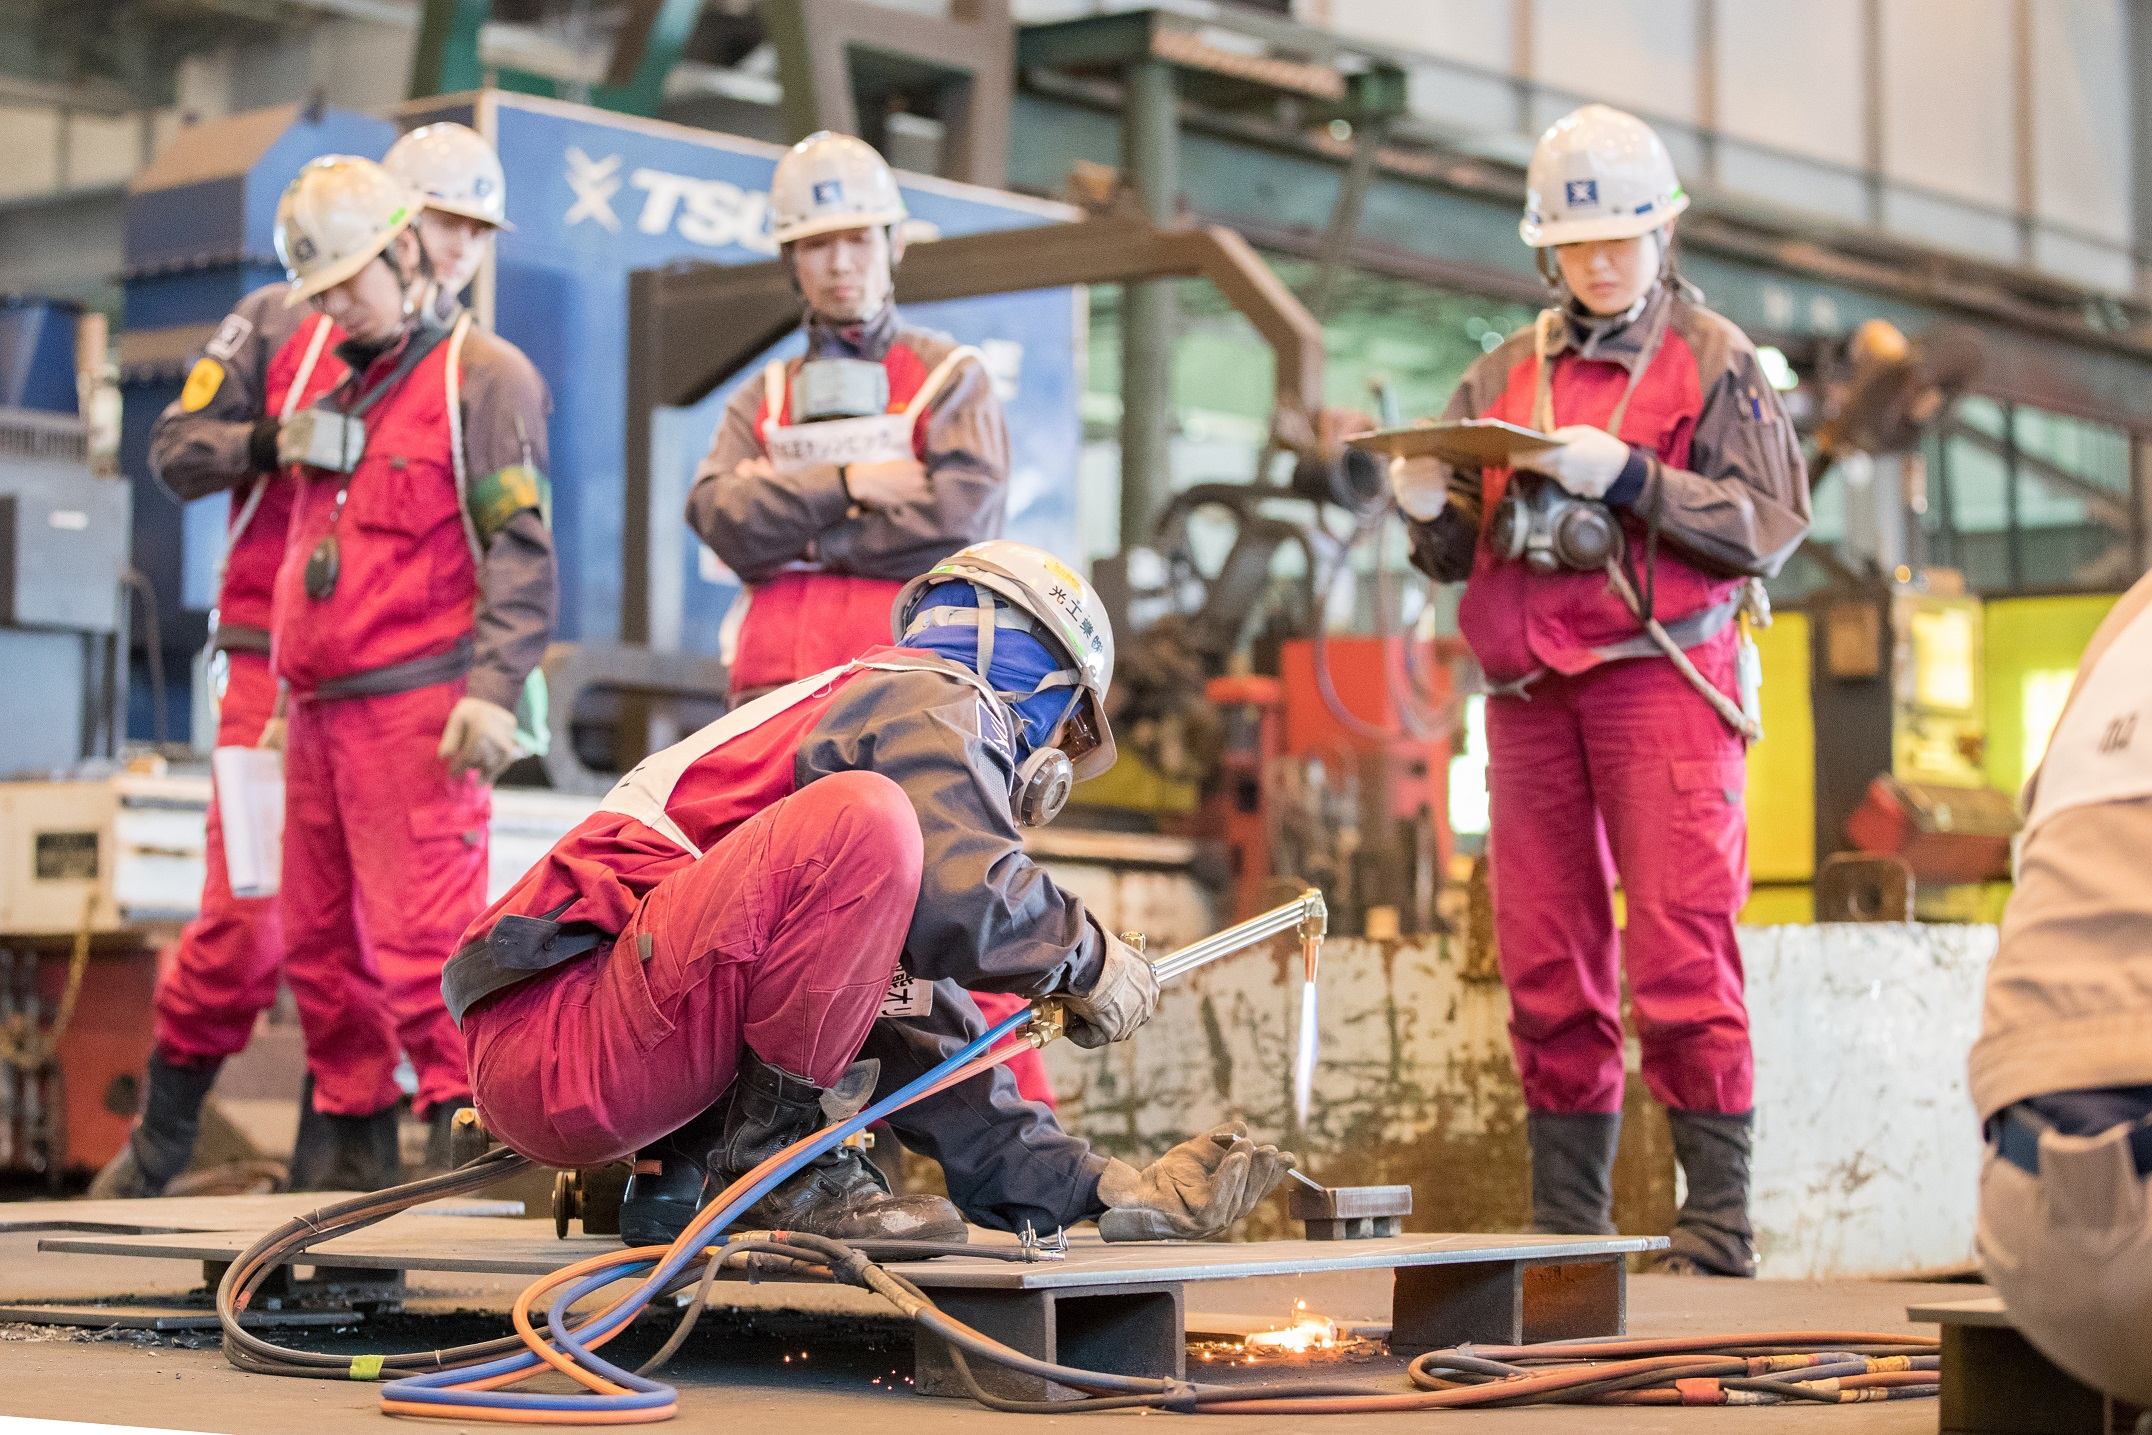 常石造船 造船の職人技を競う「常石技能オリンピック」を開催